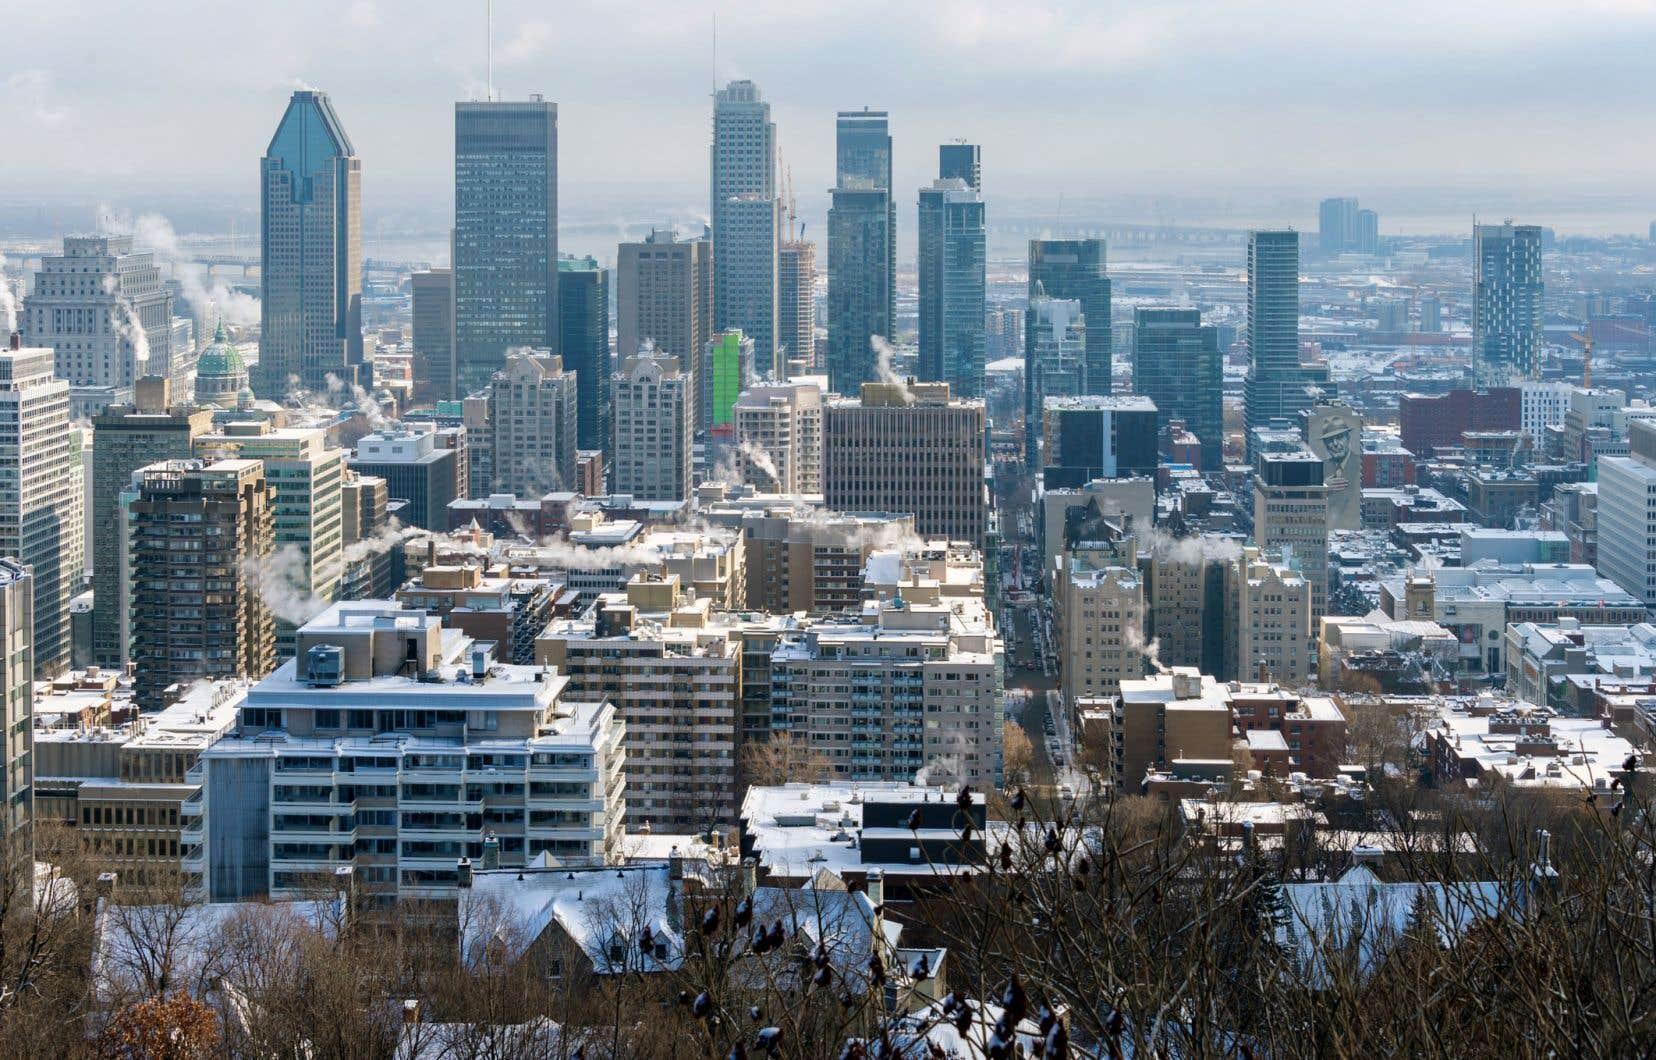 Le pourcentage de ménages québécois qui sont propriétaires occupants se chiffre à 61,3 %, comparativement à une moyenne canadienne de 67,8 %.